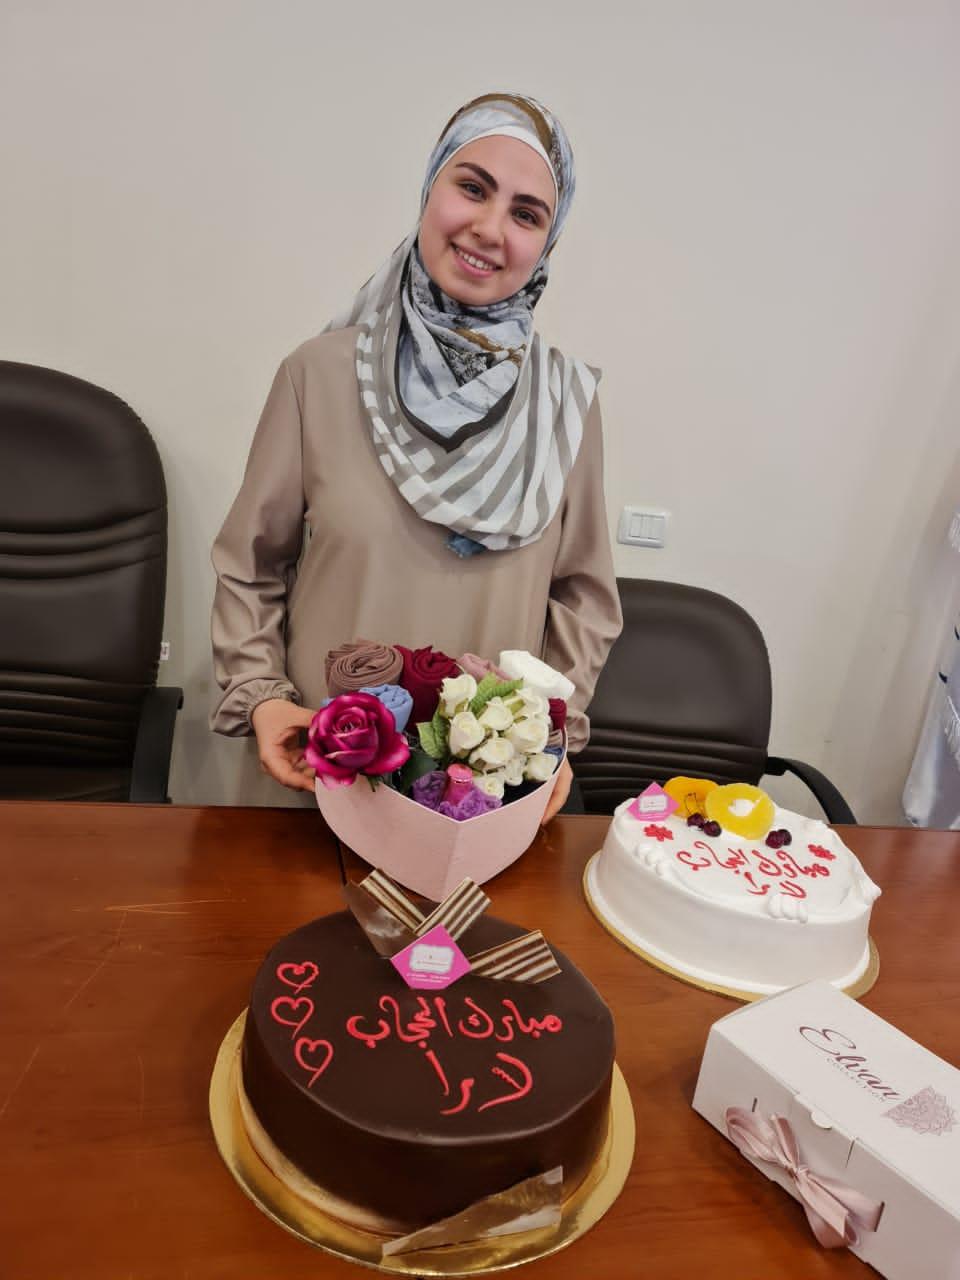 جامعة طرابلس تبارك لطالبتها في كلية التربية لارا كمال الدين بمناسبة ارتدائها الحجاب (2/3)